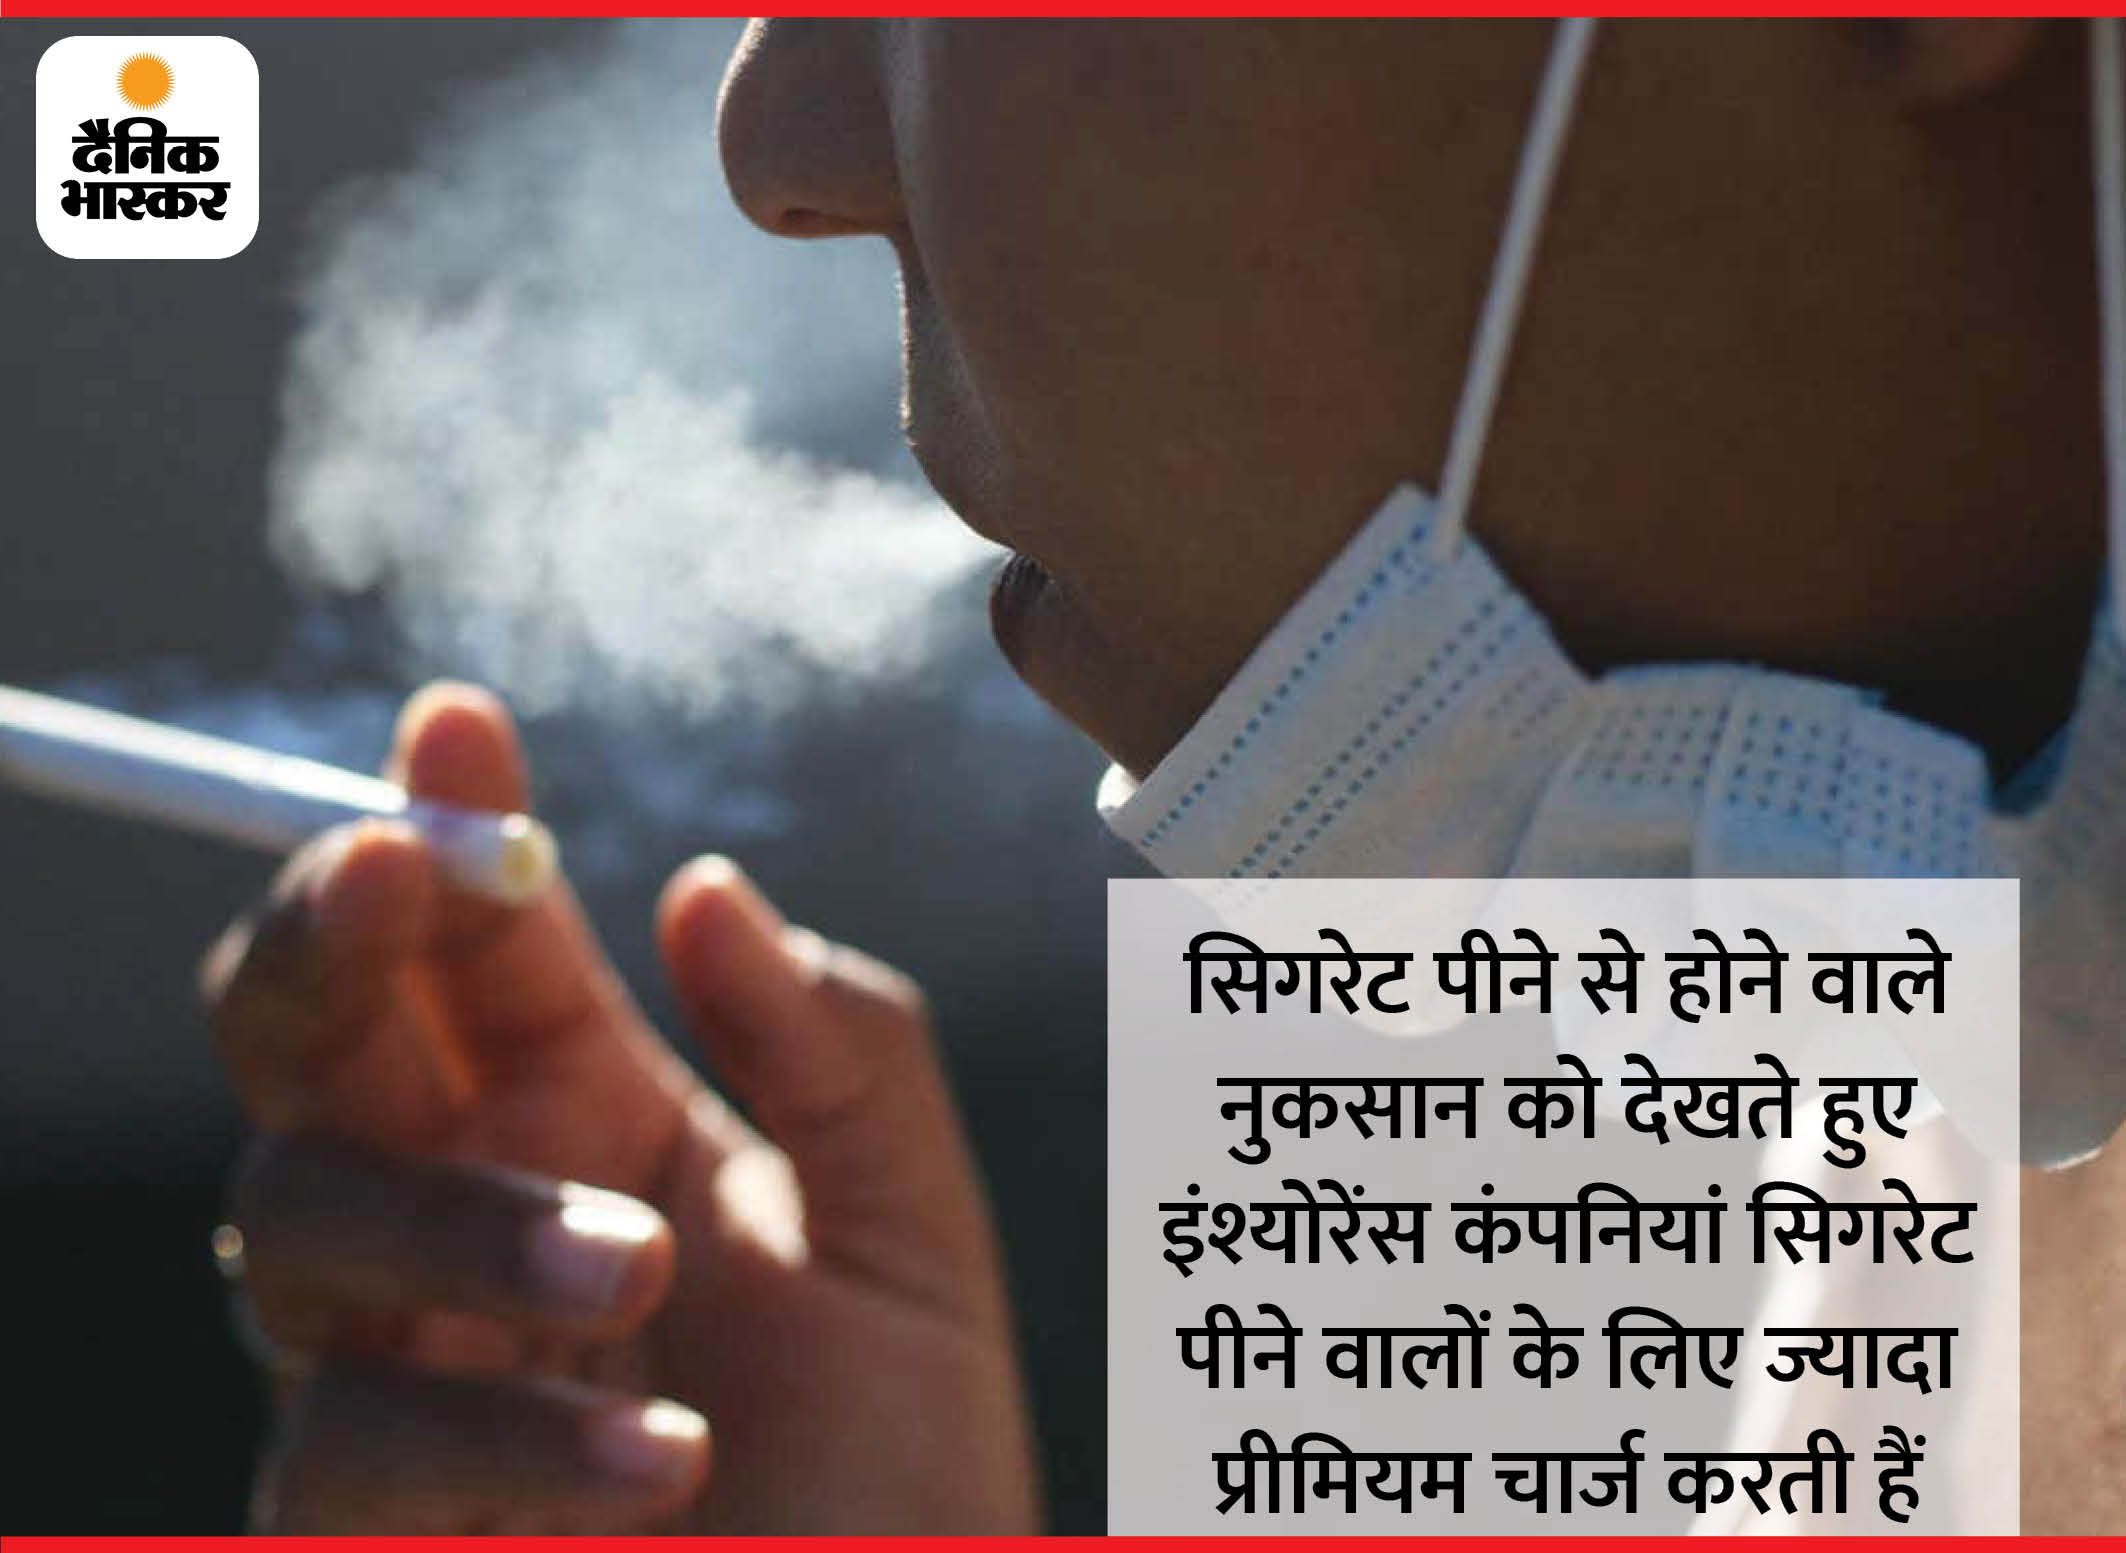 सिगरेट पीने वालों को लाइफ इंश्योरेंस लेने के लिए चुकाना पड़ता है 80% तक ज्यादा प्रीमियम|यूटिलिटी,Utility - Dainik Bhaskar